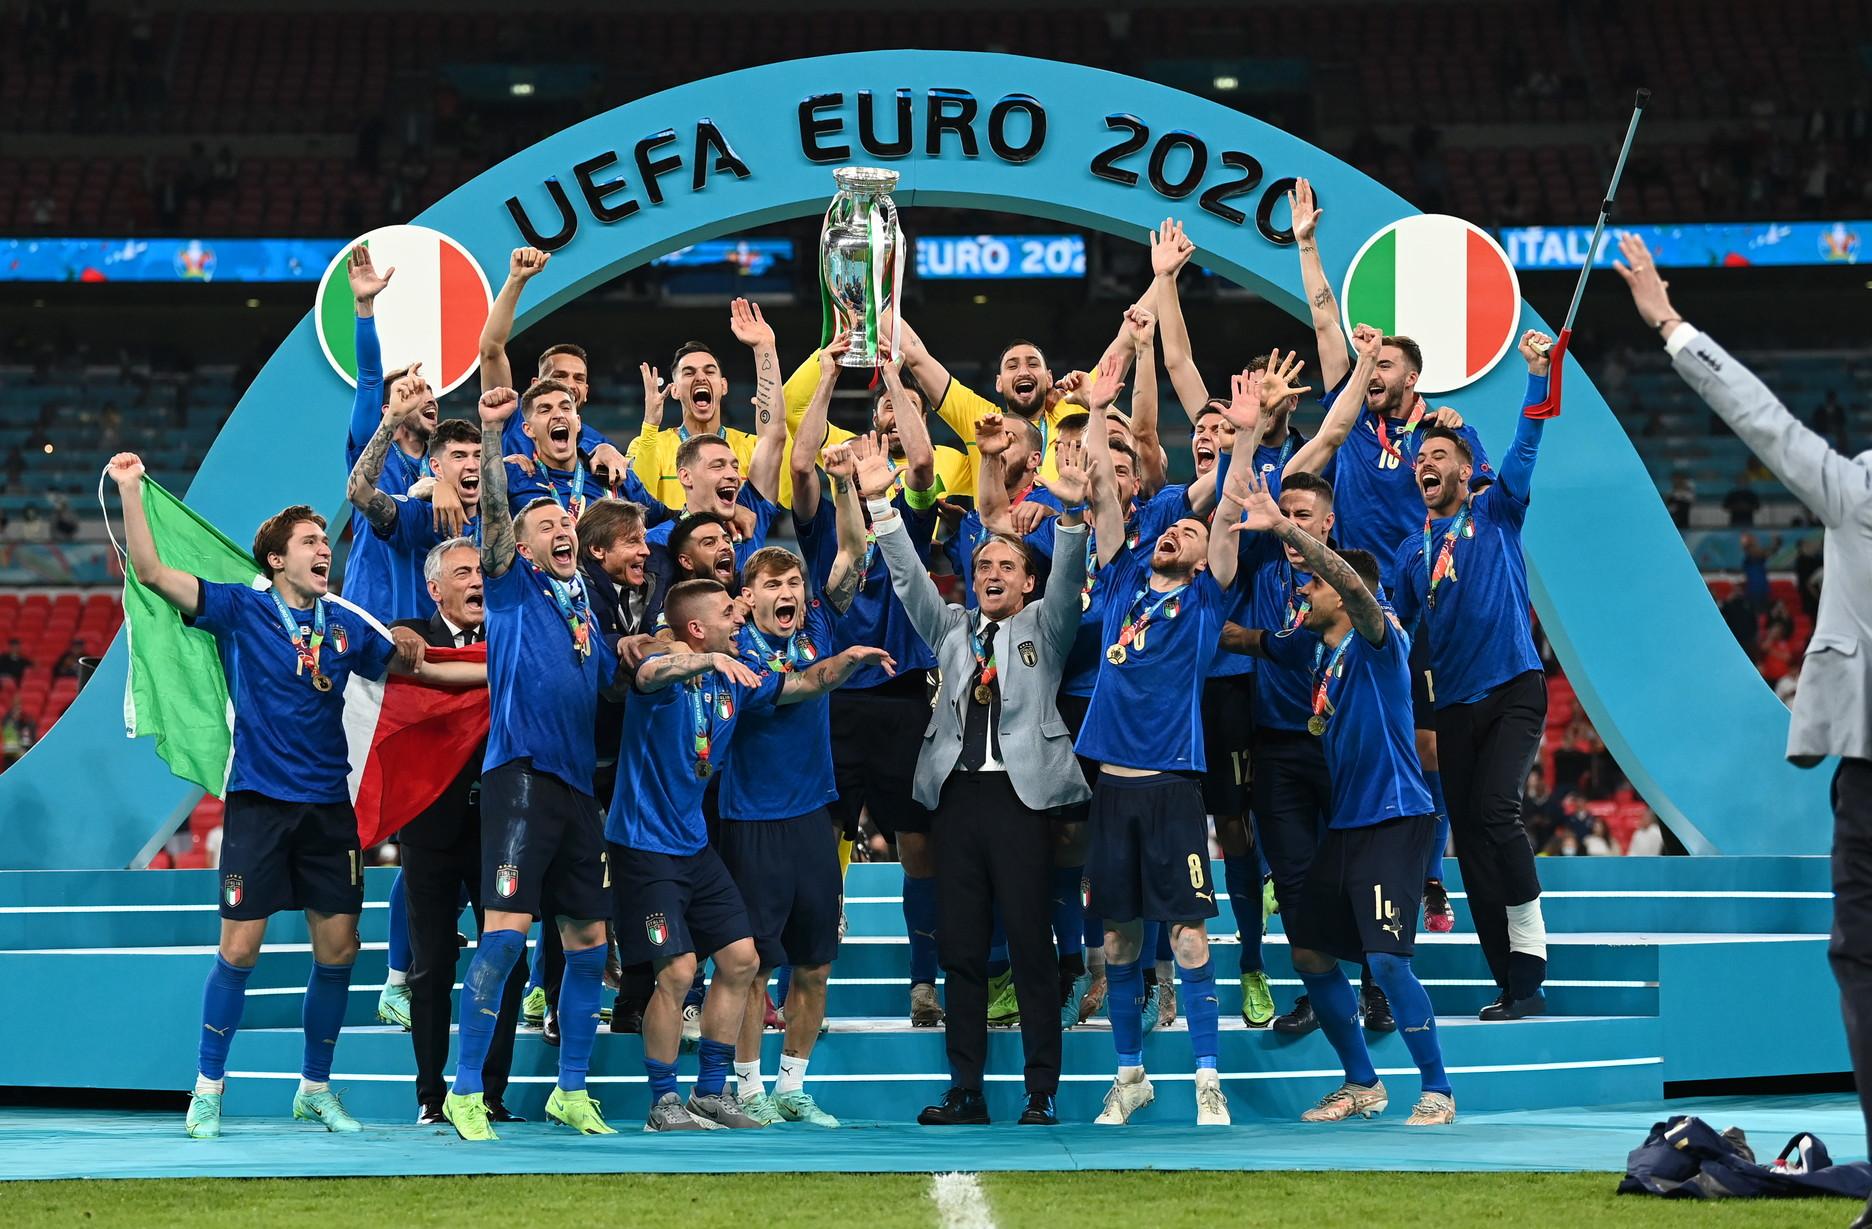 Campioni d'Europa ma... e il calcio femminile?